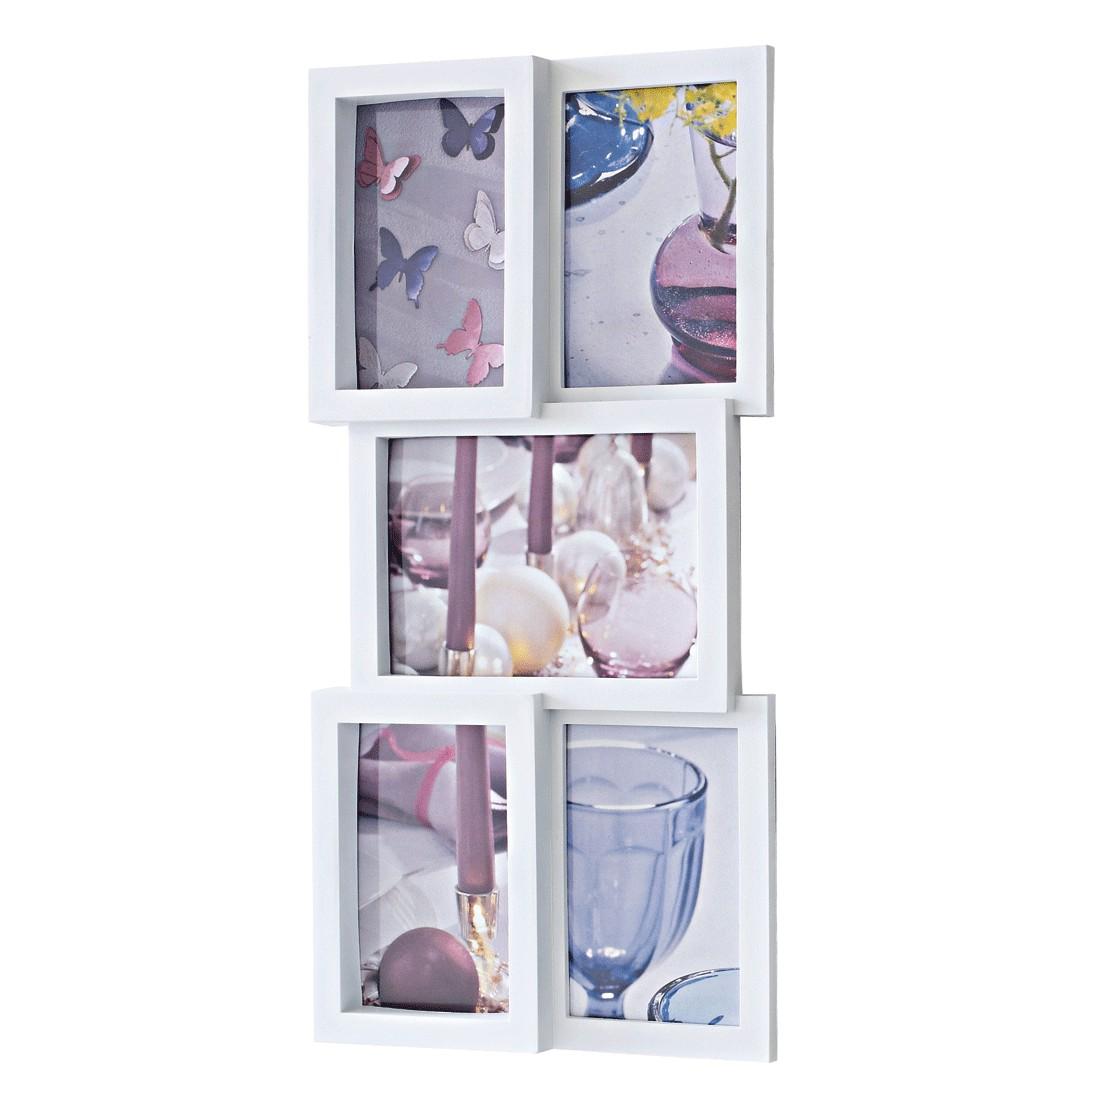 Bilderrahmen Selection – Kunststoff – Weiß, PureDay kaufen